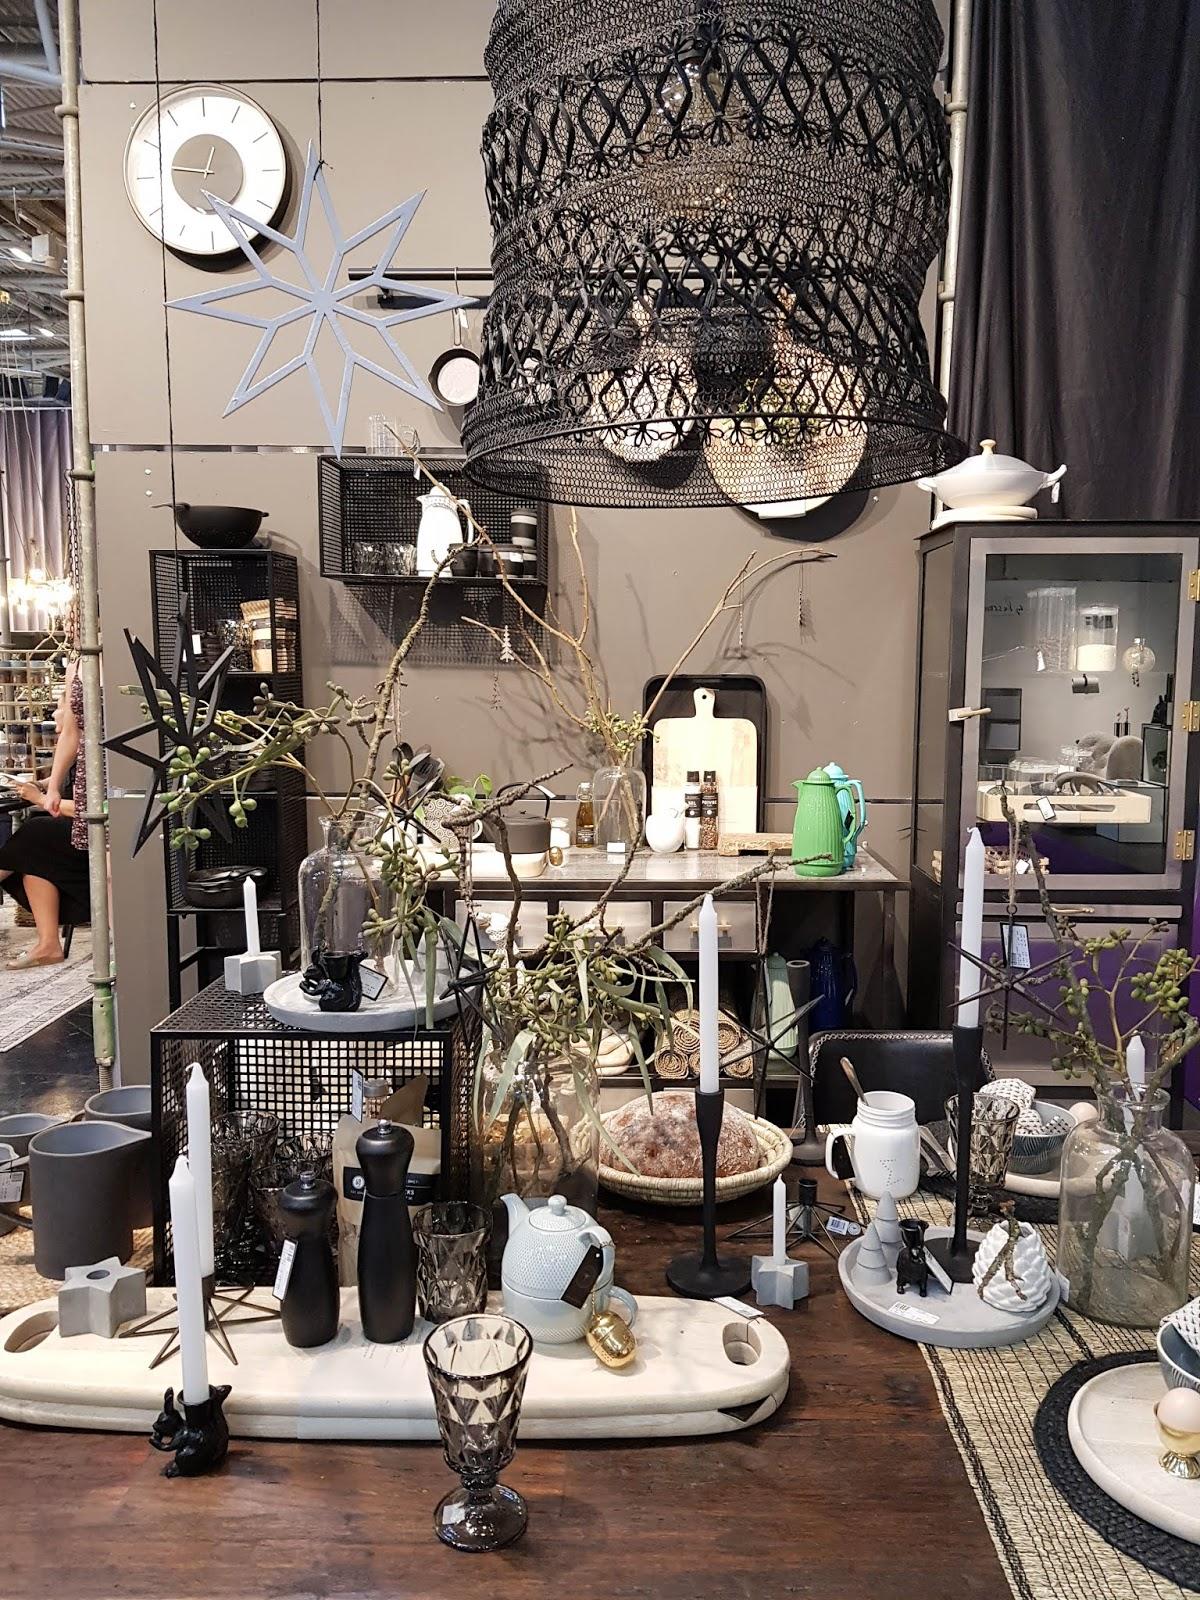 Messe Trendset 2018 Trends Interior Wohnen dekorieren Inspirationen